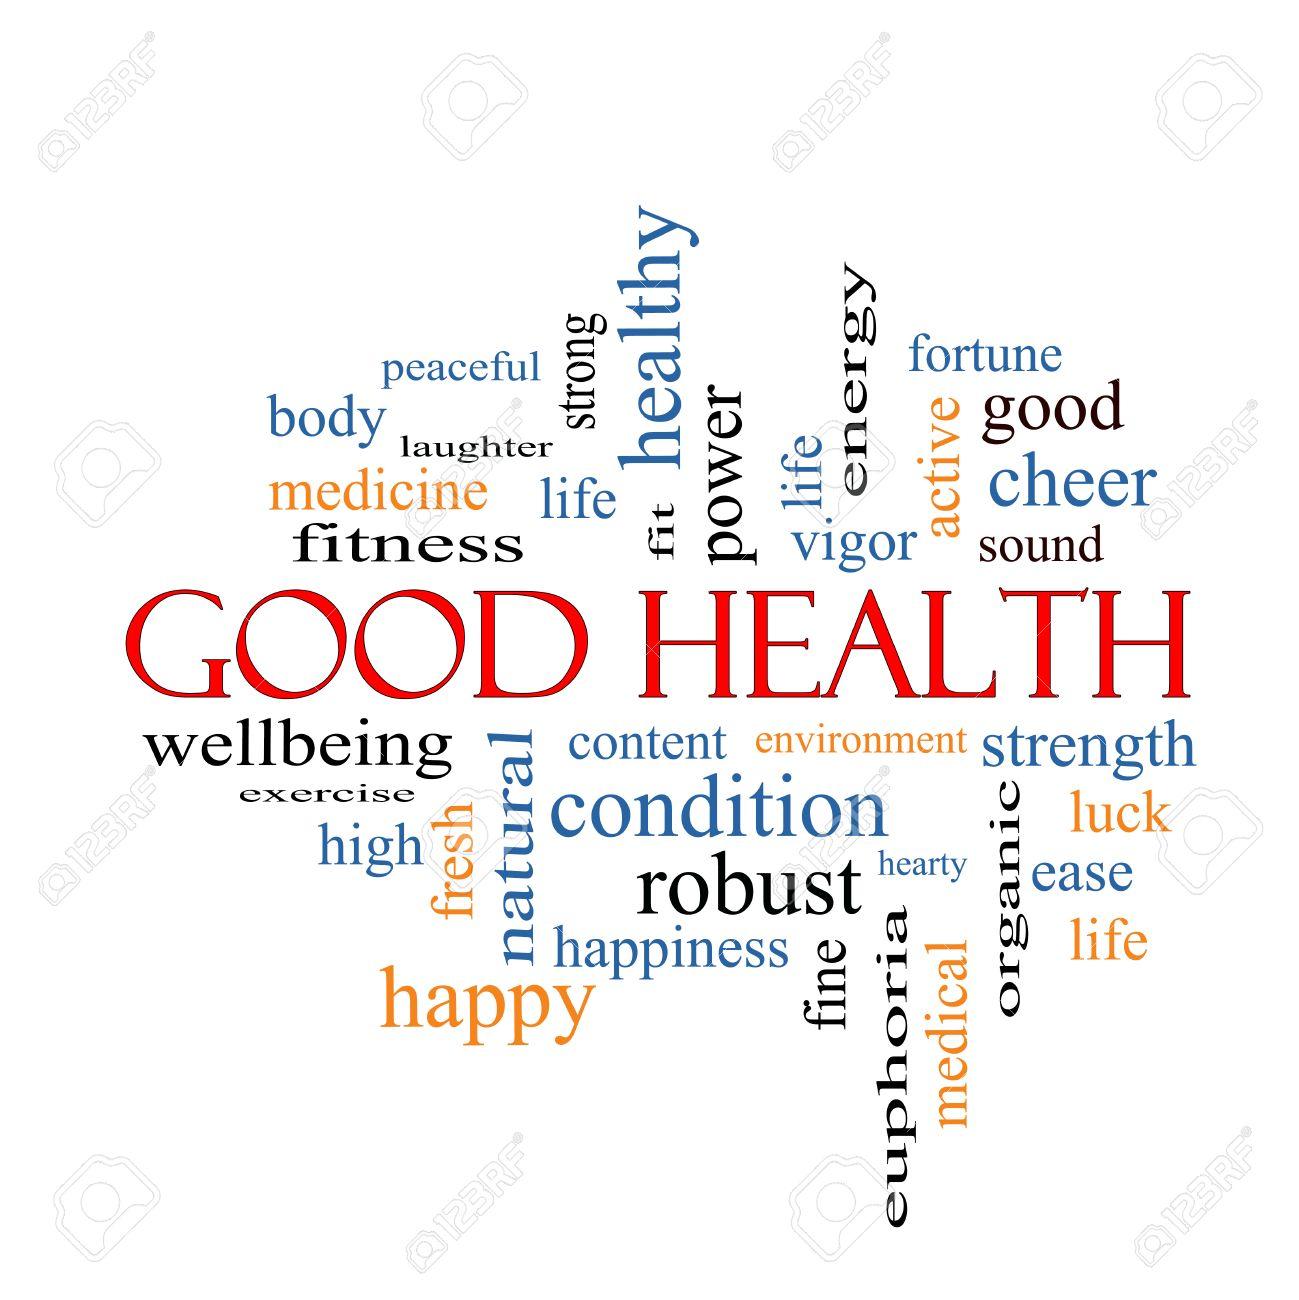 Immagini Stock Buona Salute Nube Concetto Word Con Termini Come Benessere Fitness Corpo E Piu Image 28429614